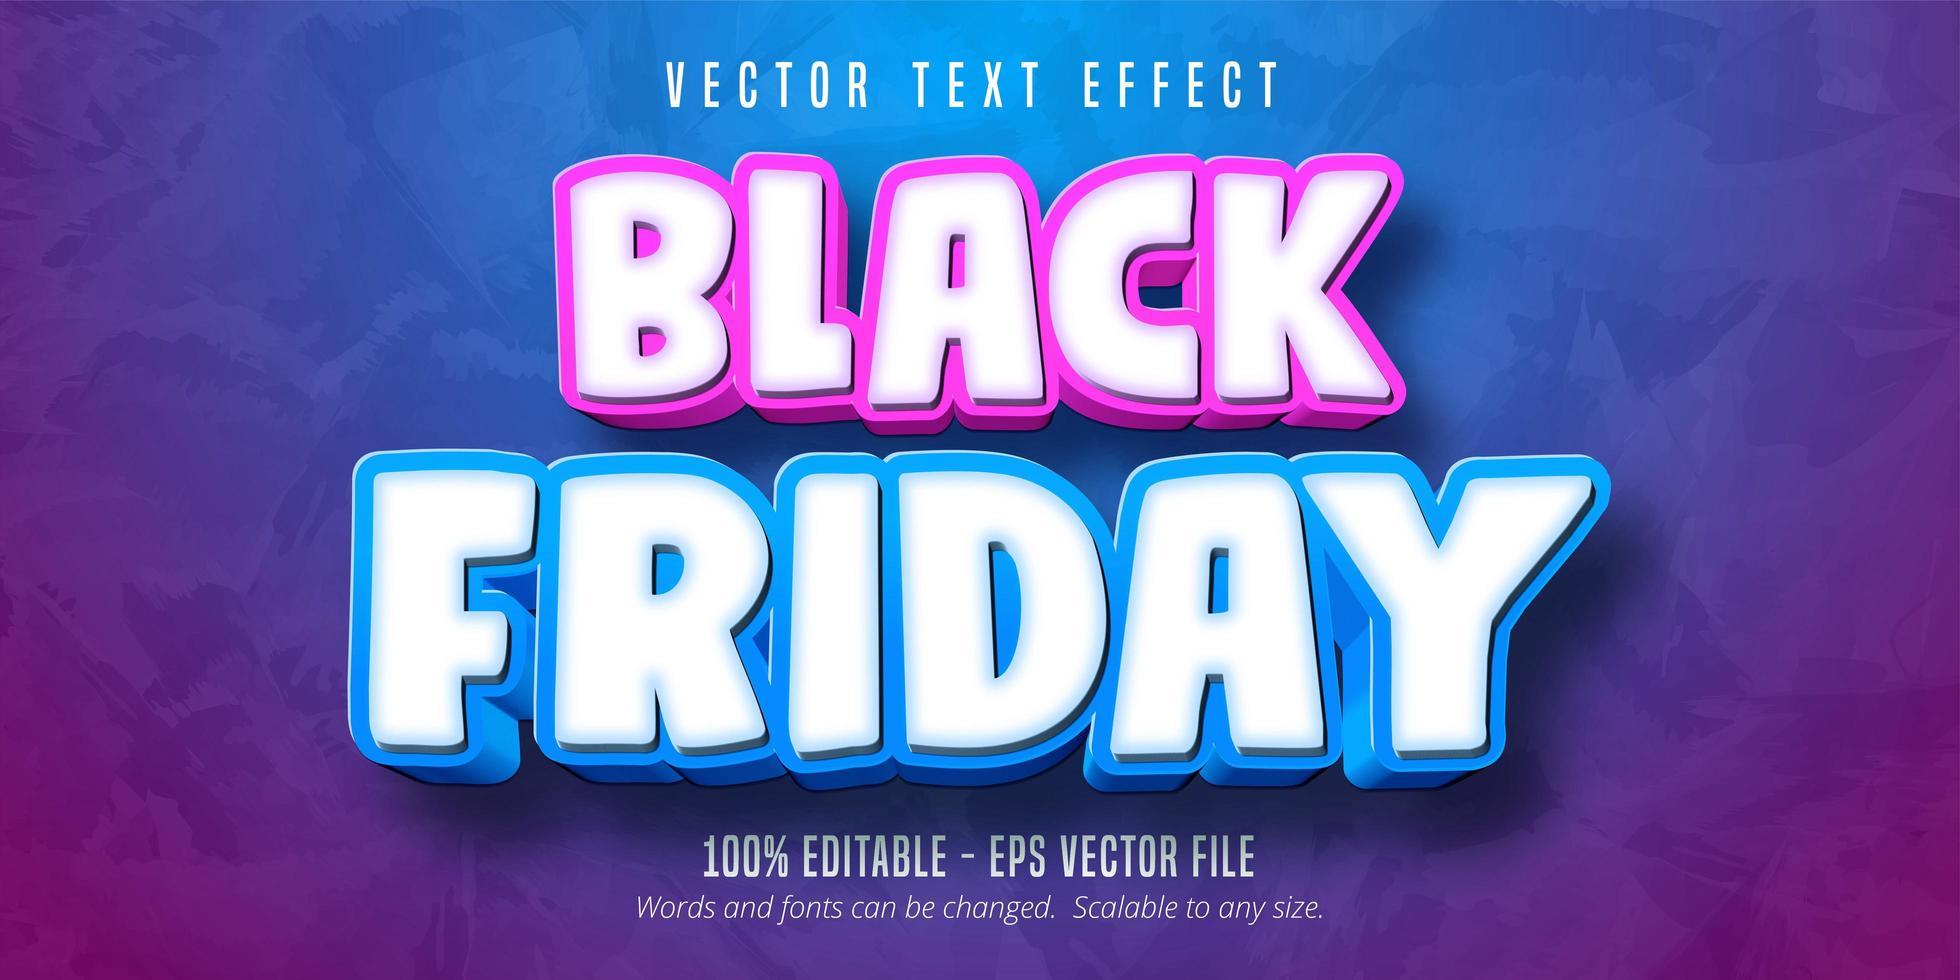 efecto de texto editable de estilo de dibujos animados de viernes negro vector